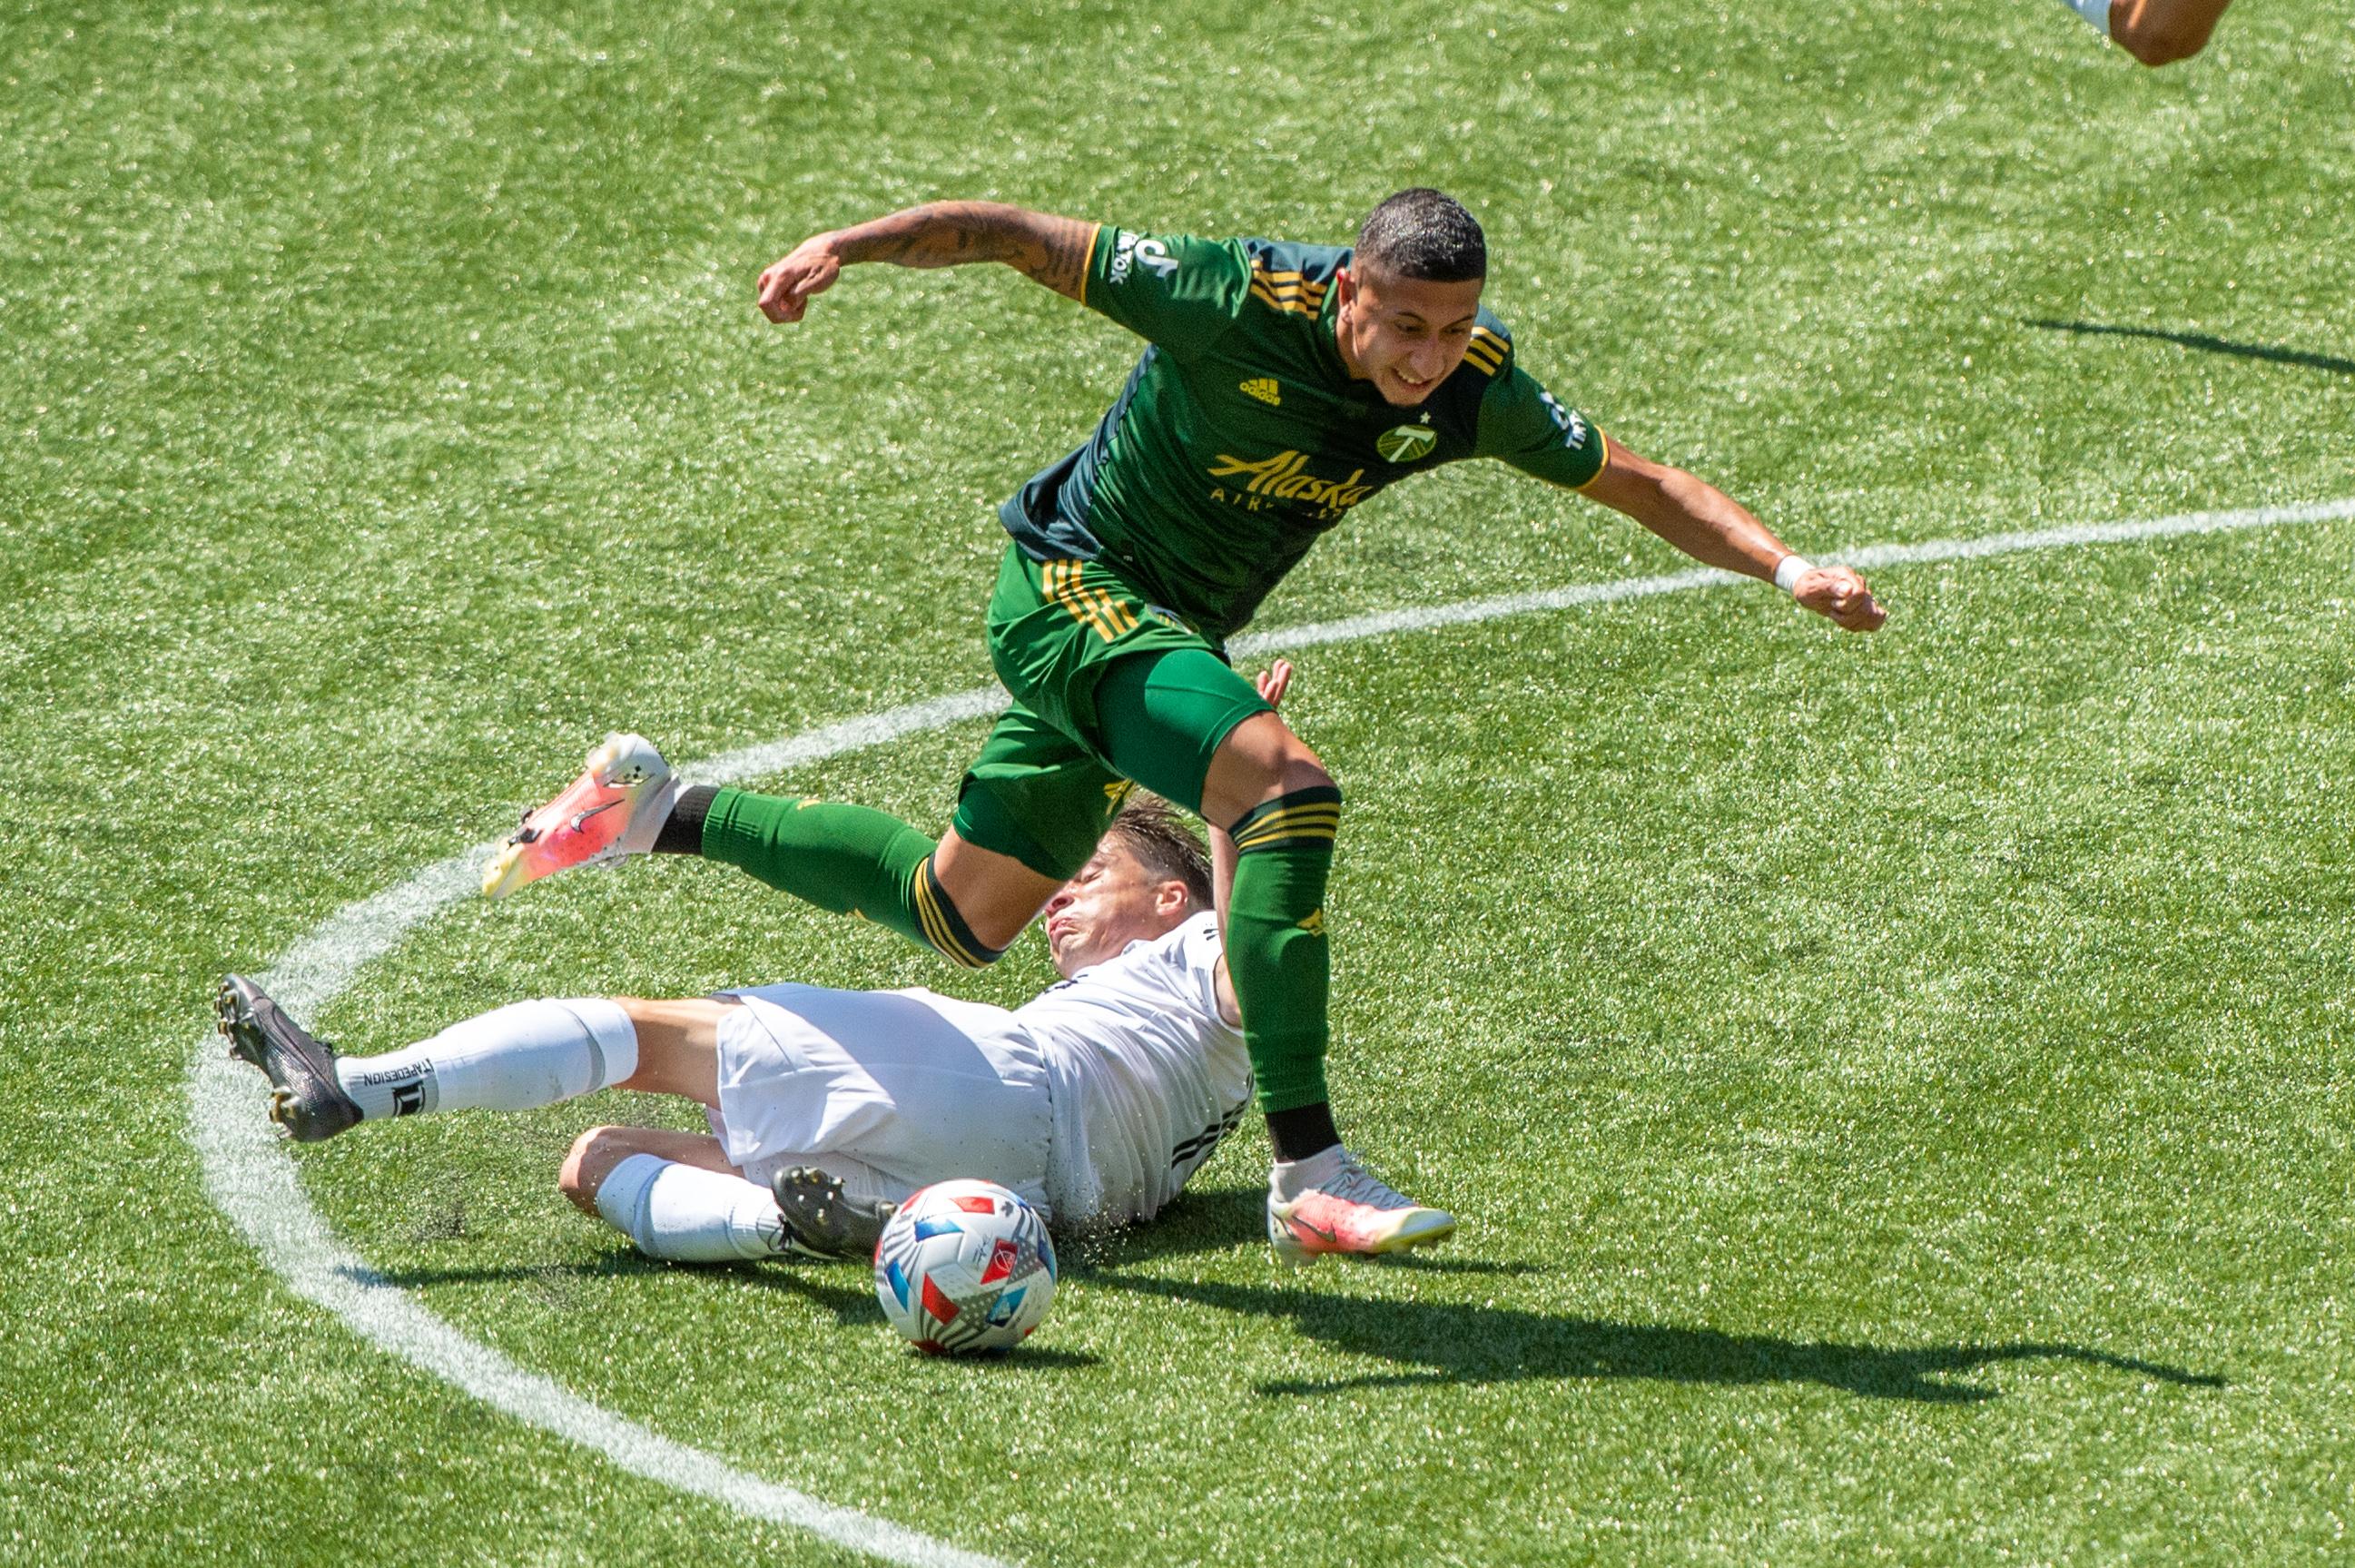 SOCCER: MAY 22 MLS - LA Galaxy at Portland Timbers